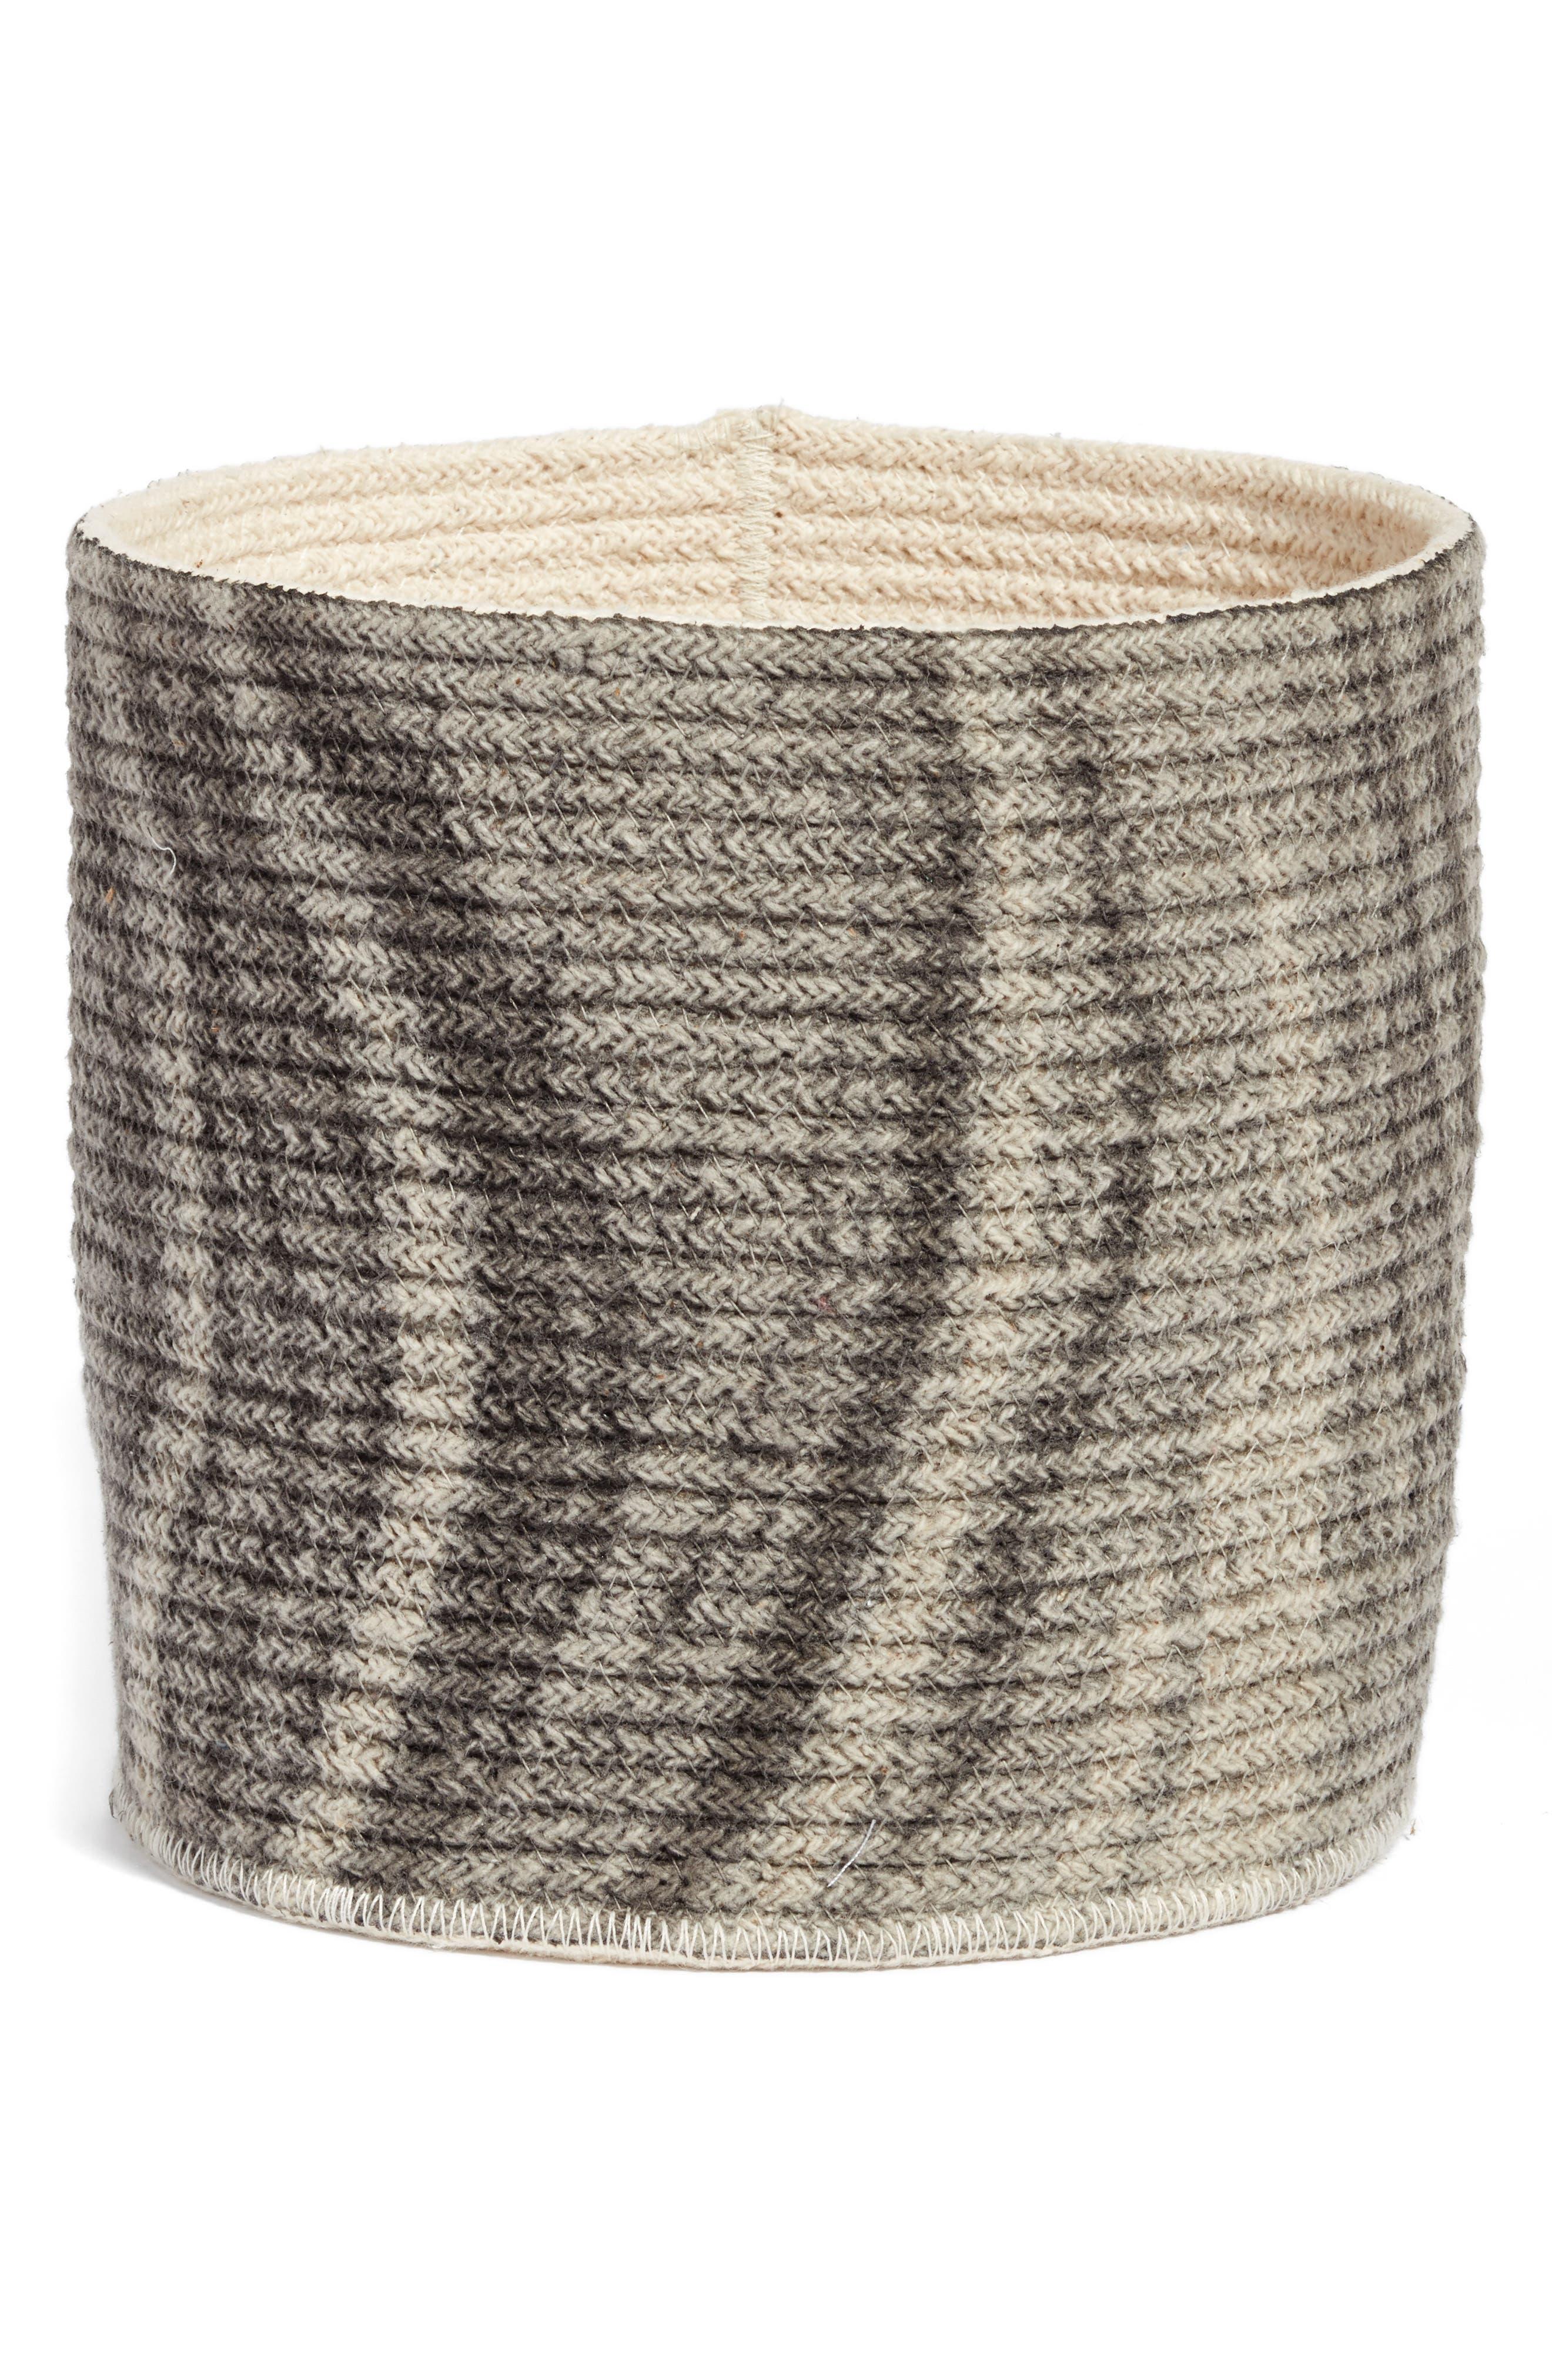 Oceana Woven Basket,                             Main thumbnail 1, color,